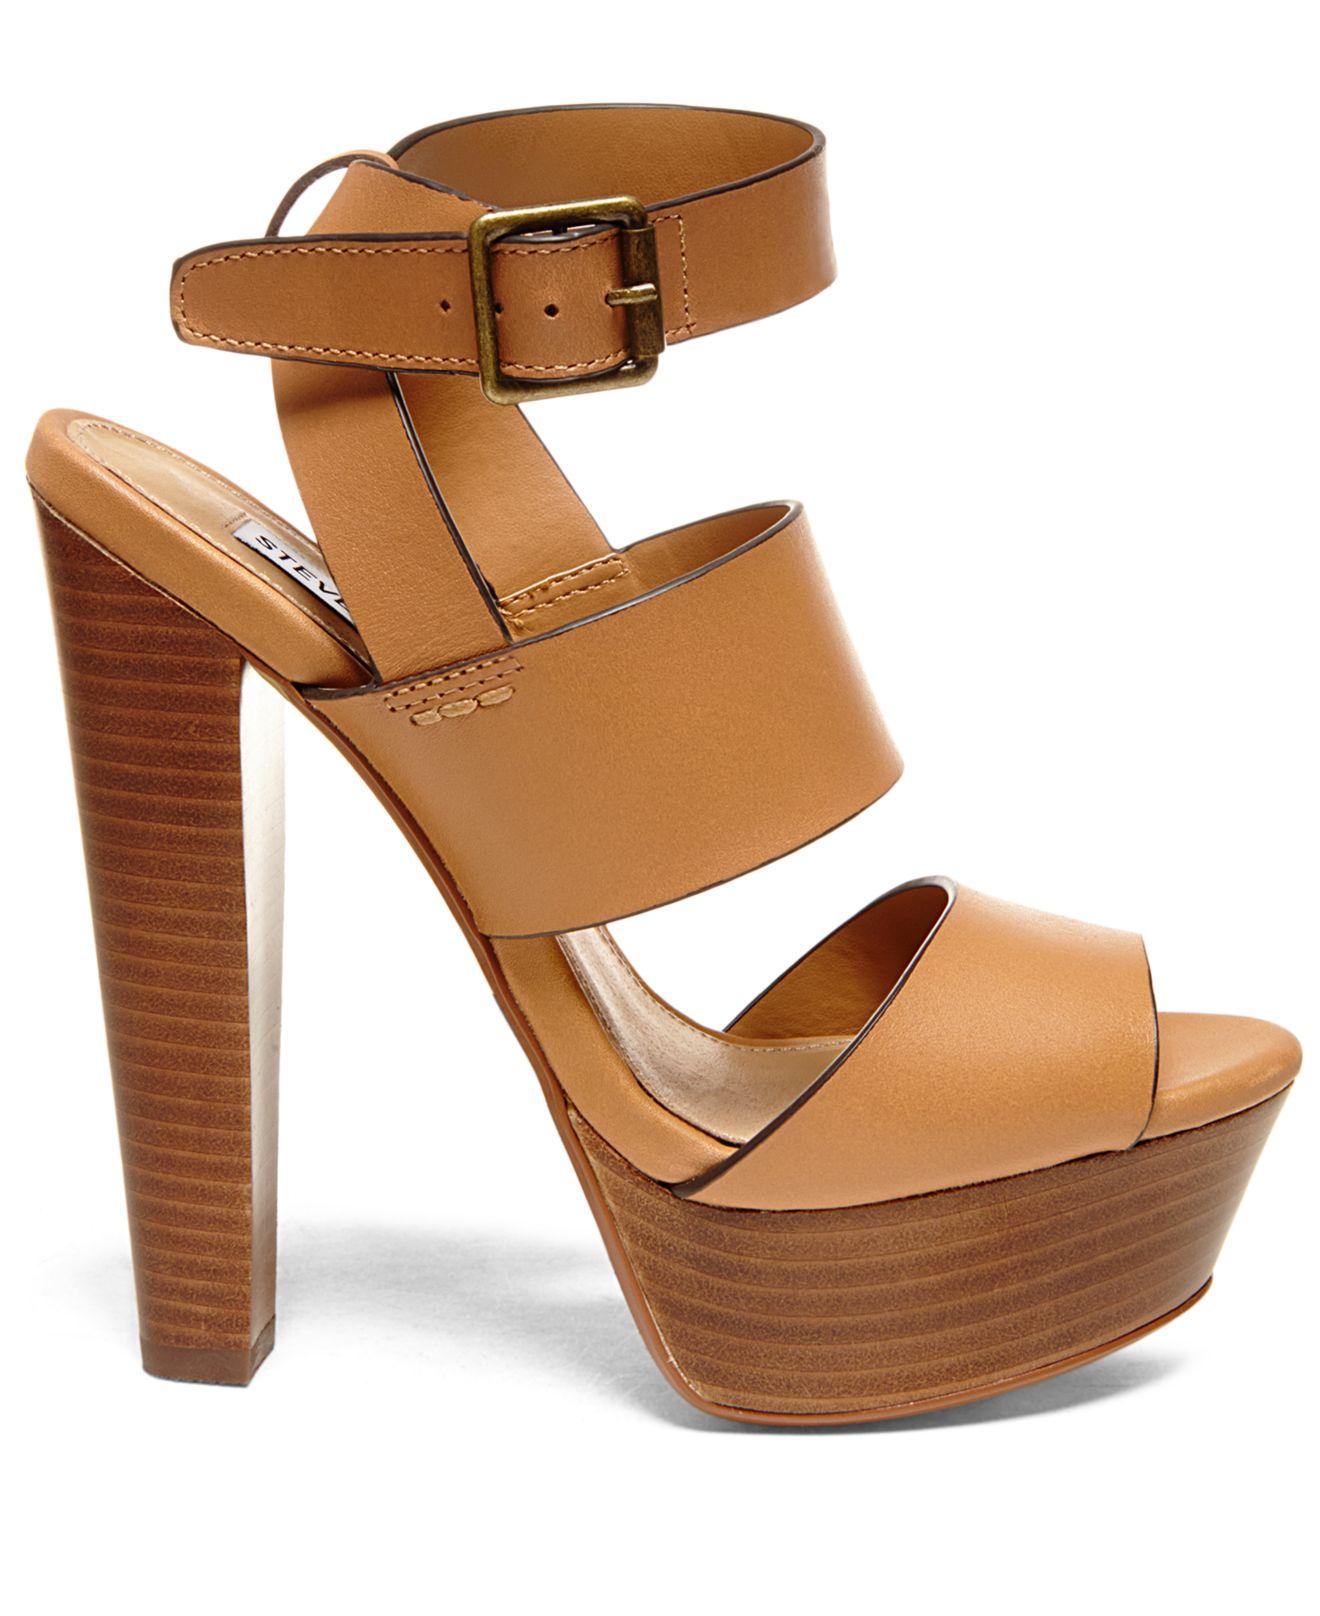 03d8300d056e Lyst - Steve Madden Women s Dezzzy Platform Dress Sandals in Brown